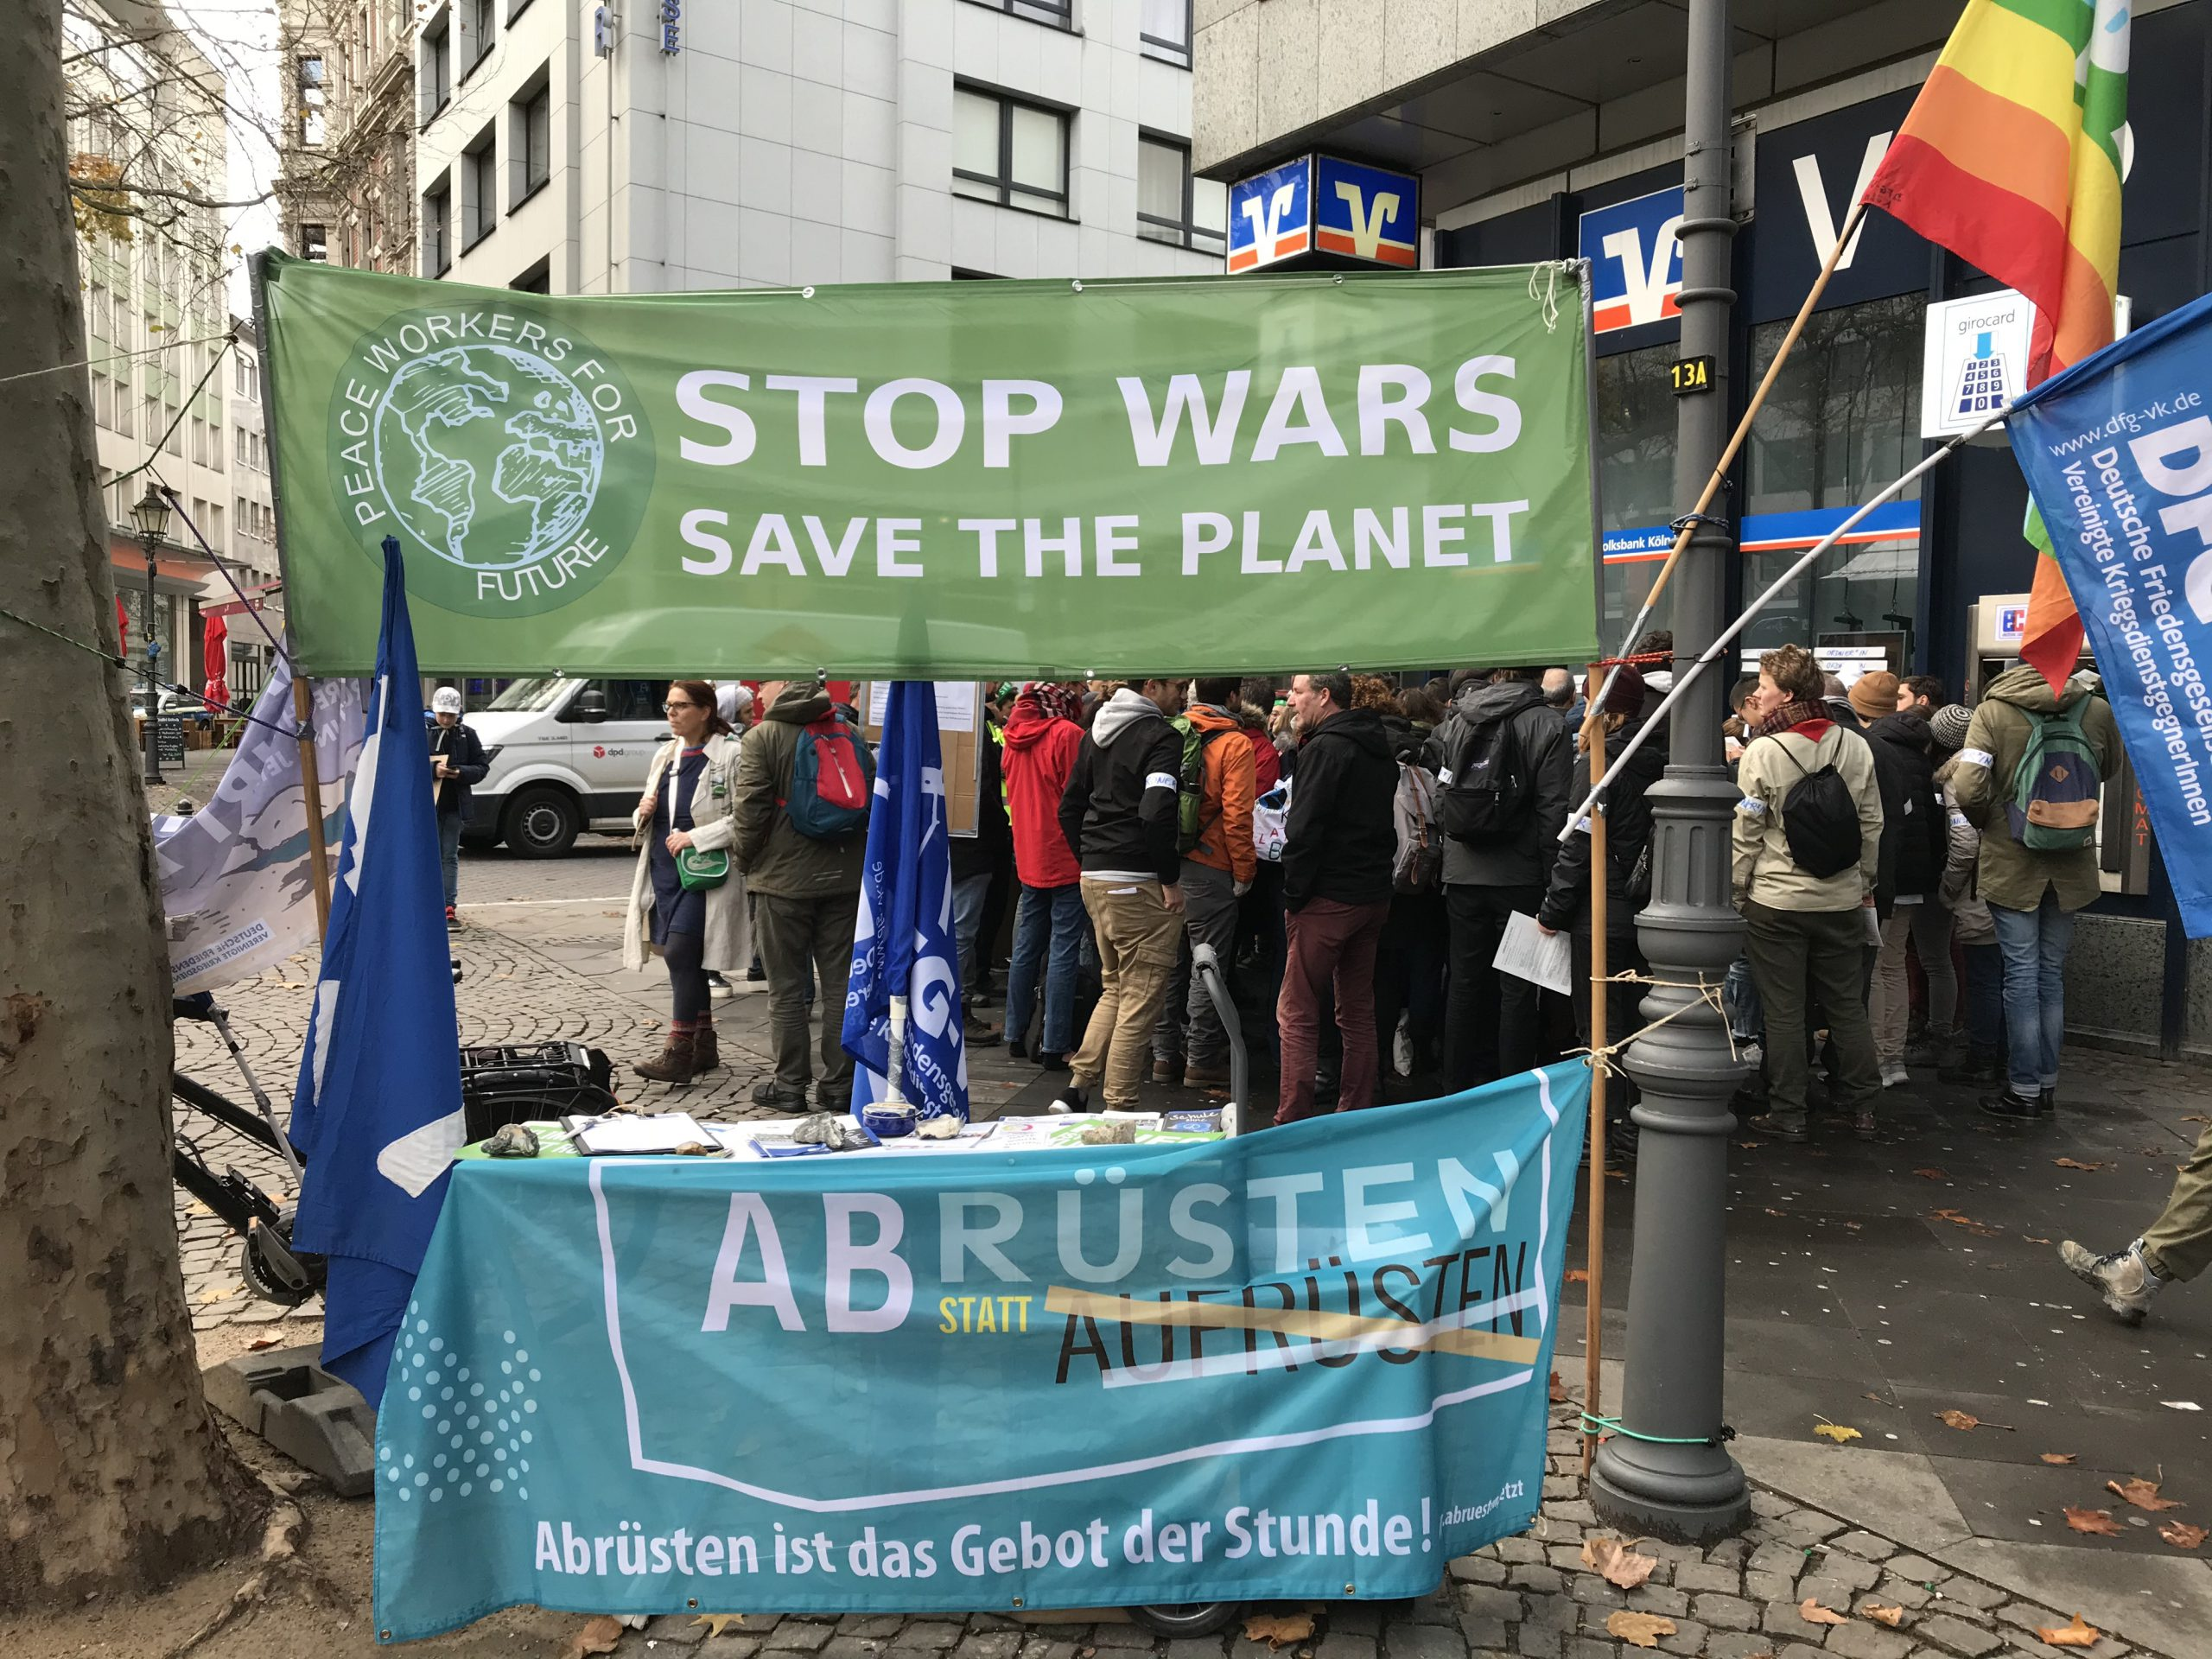 """Infostand mit zwei Transparenten """"Stop wars - save the planet"""" und """"Abrüsten statt aufrüsten"""""""